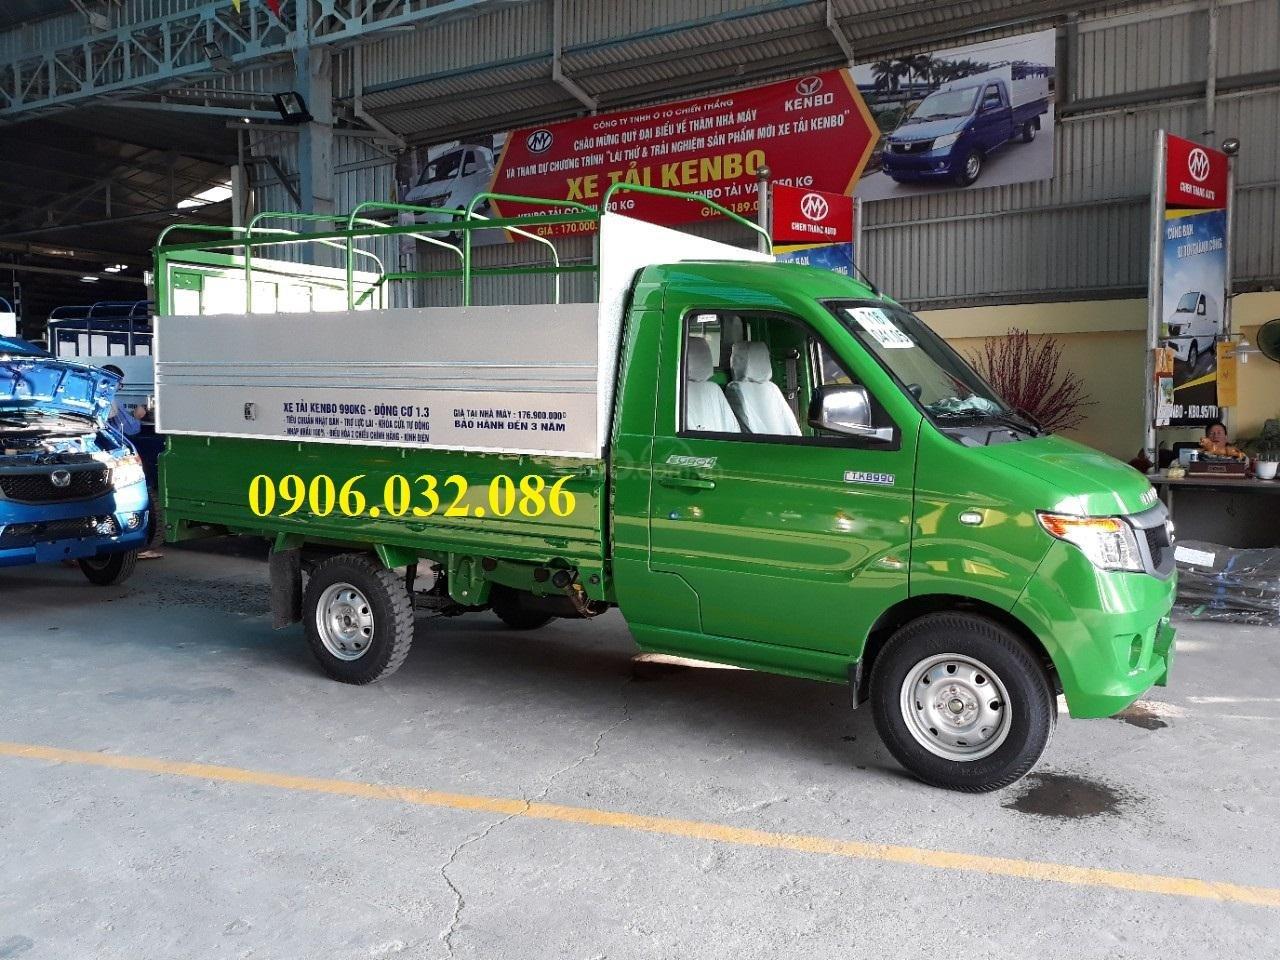 Bán xe tải Kenbo mui bạt tại Thái Bình (5)